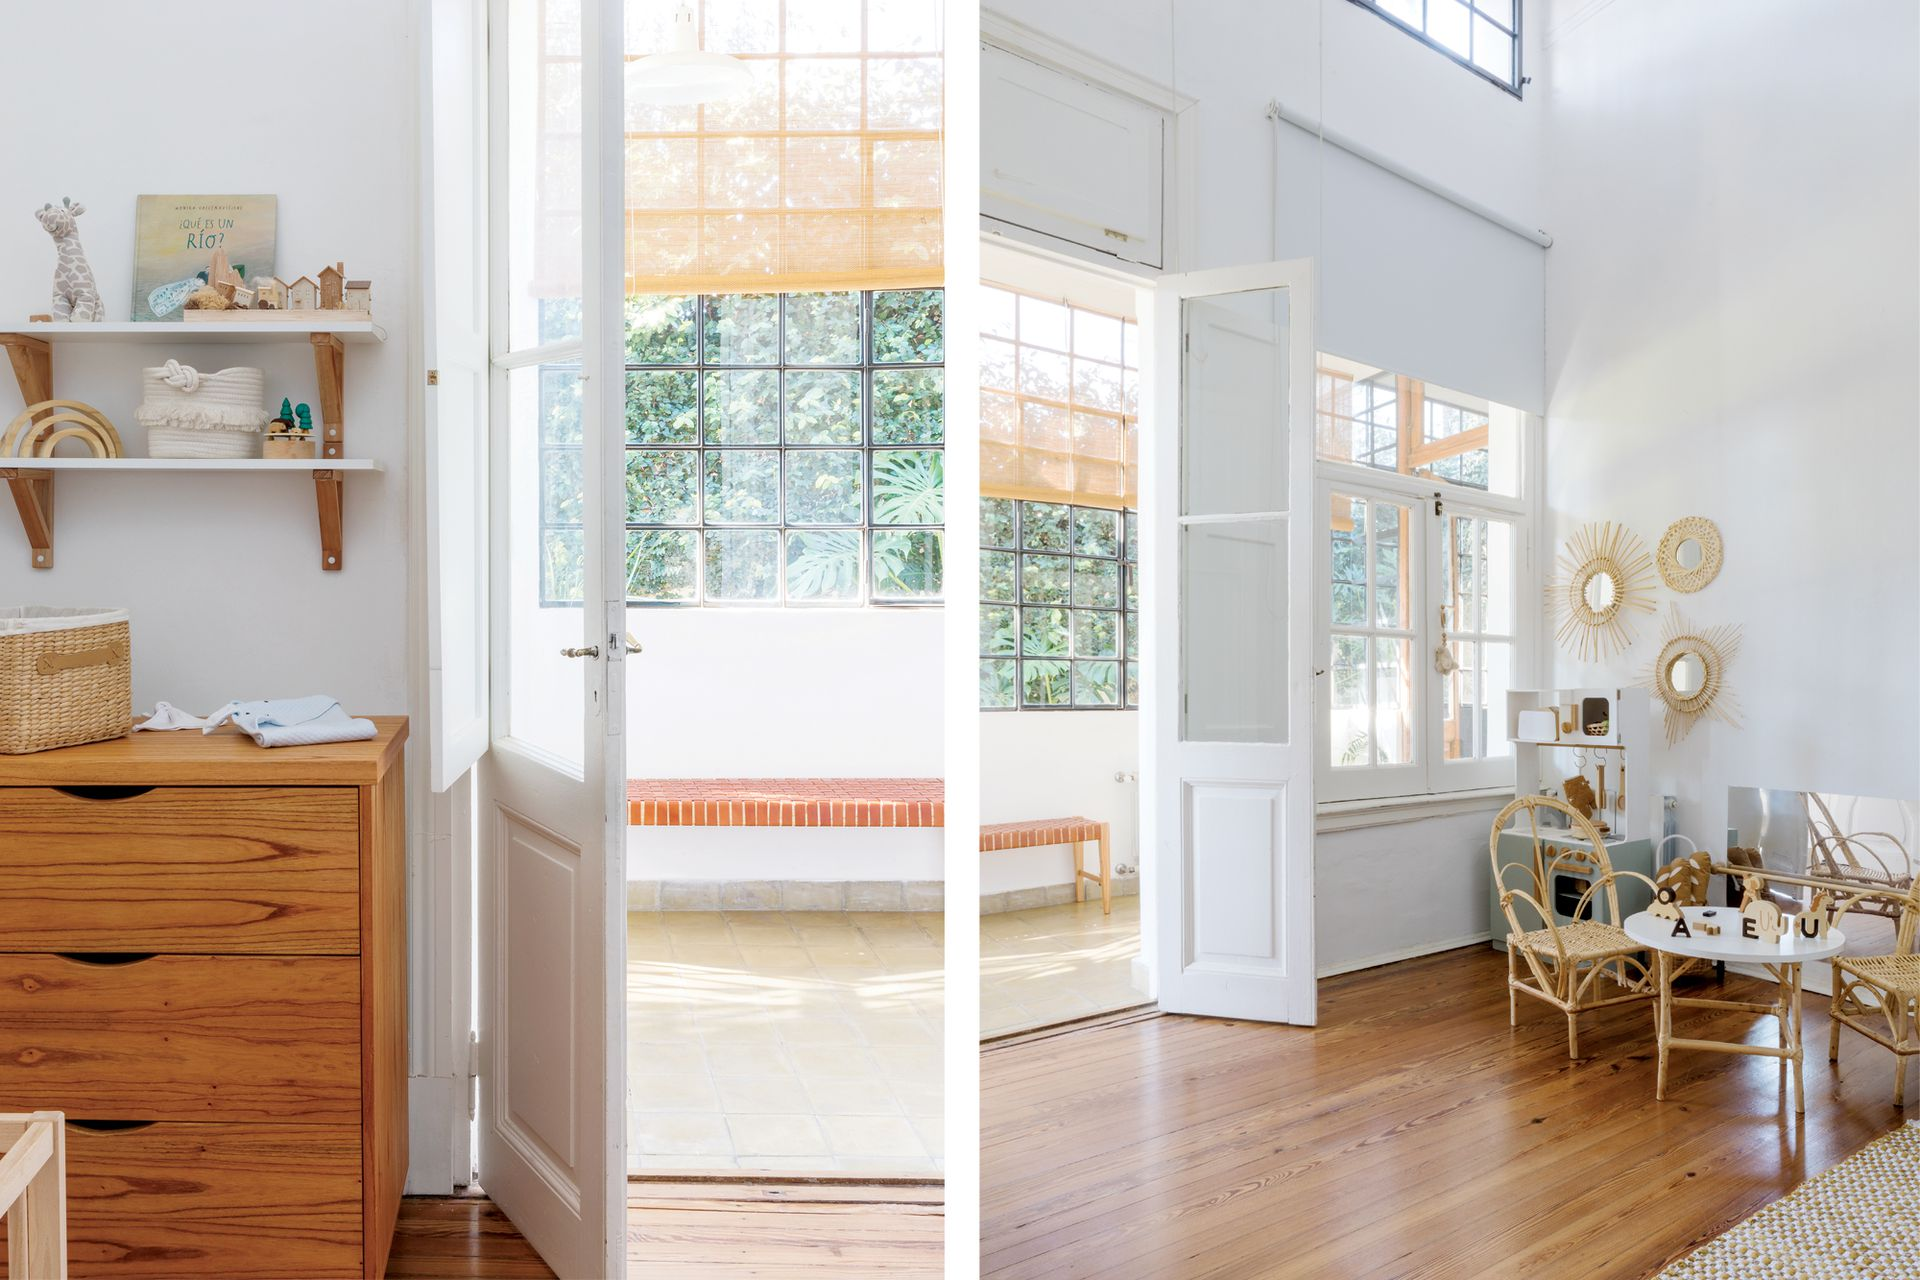 Cómoda y estantes (Liten Co). Cocinita (Puerto de Frutos). Espejos con marcos de fibras naturales (Casa Perri).